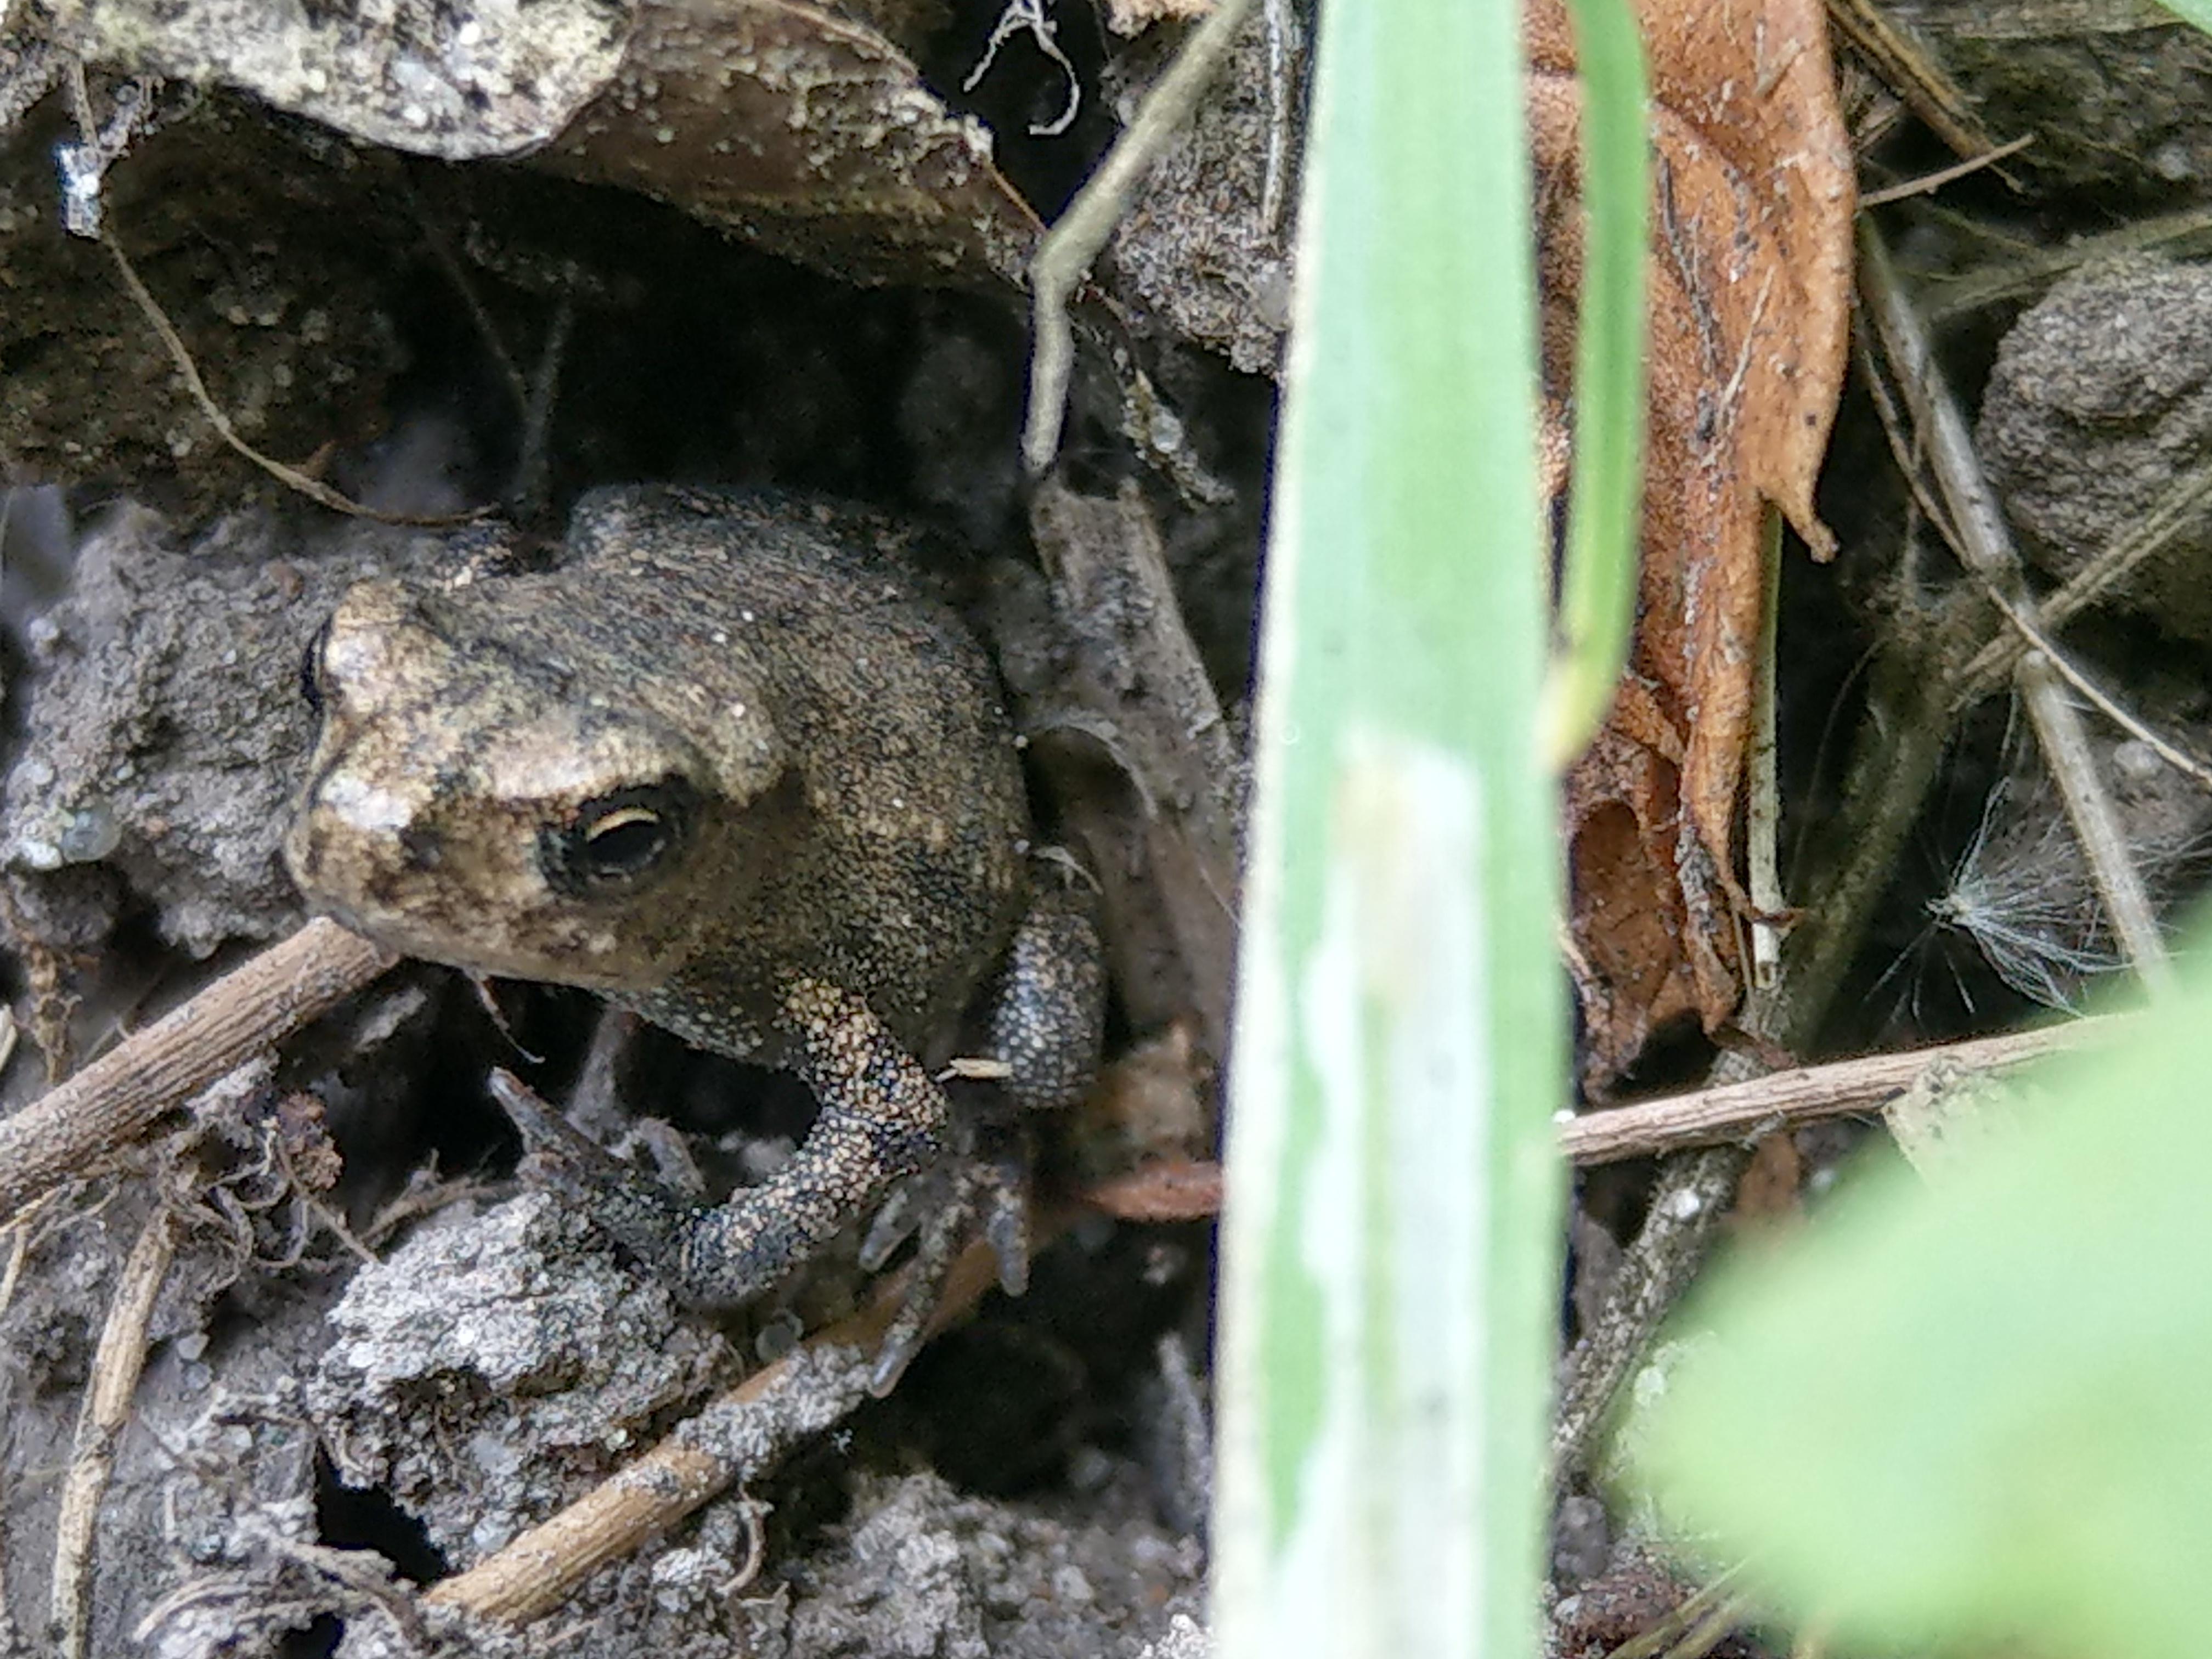 Toad- tiny